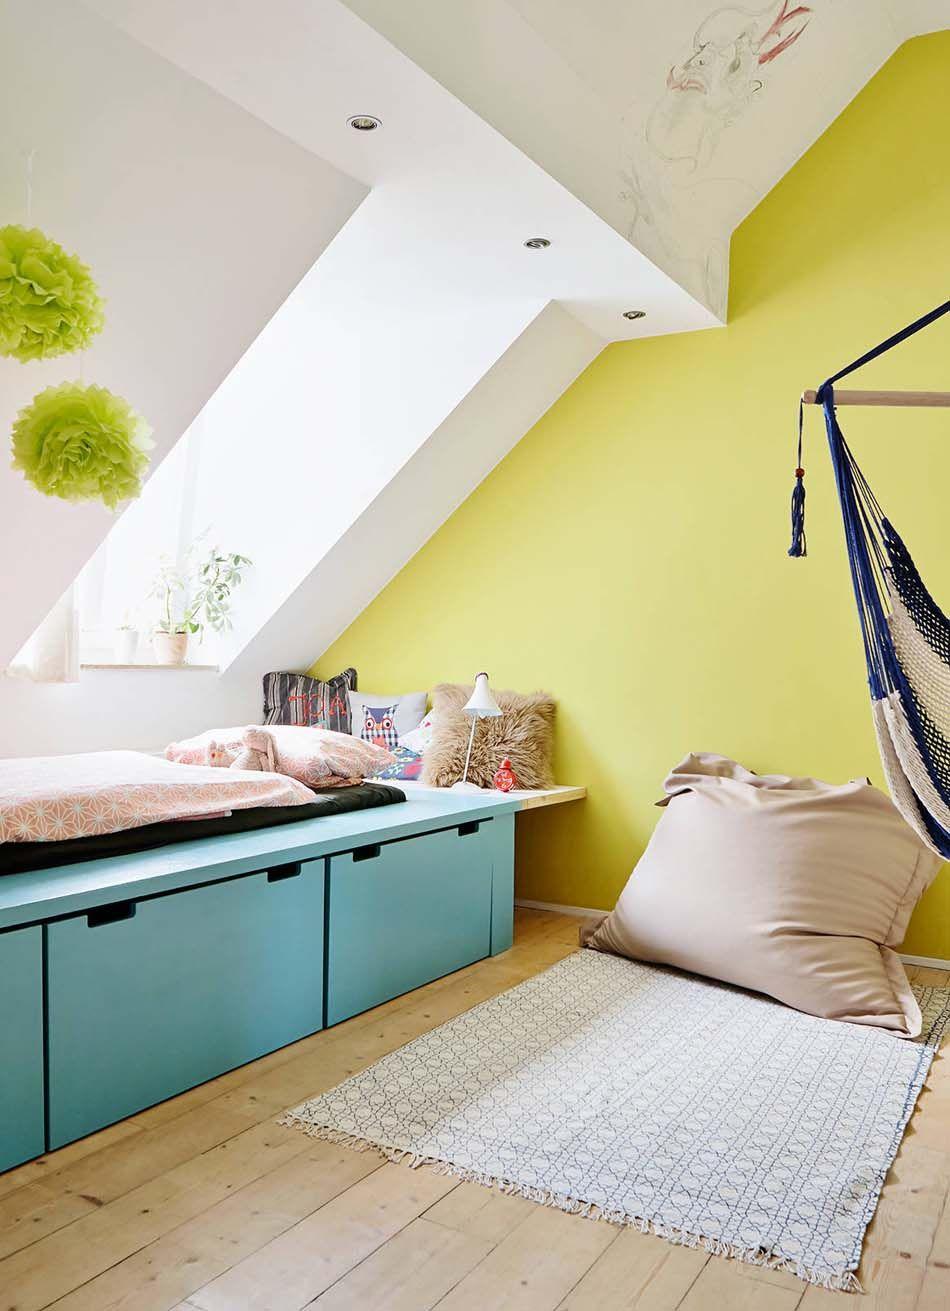 Rangement des jouets au design ludique pour une chambre d enfant propre et rang e rangement - Idee rangement chambre garcon ...